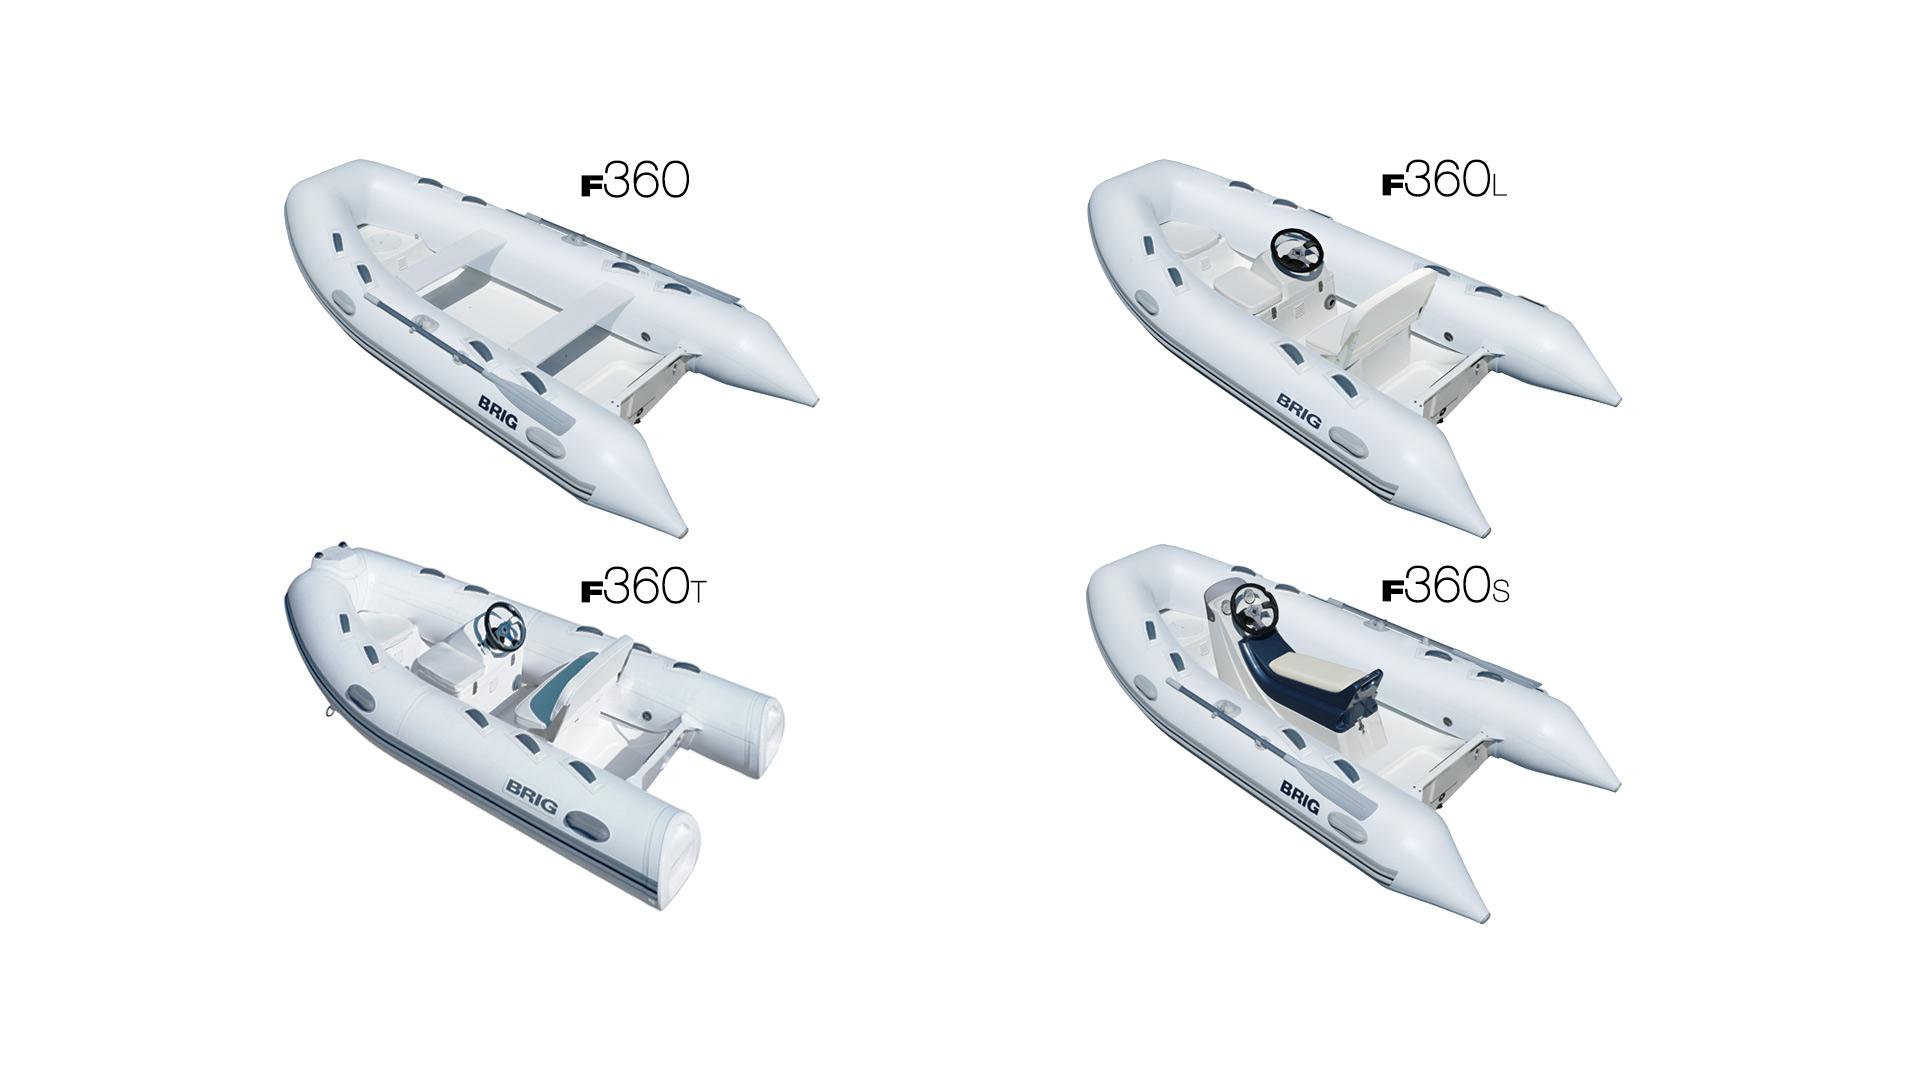 Falcon 360-1701